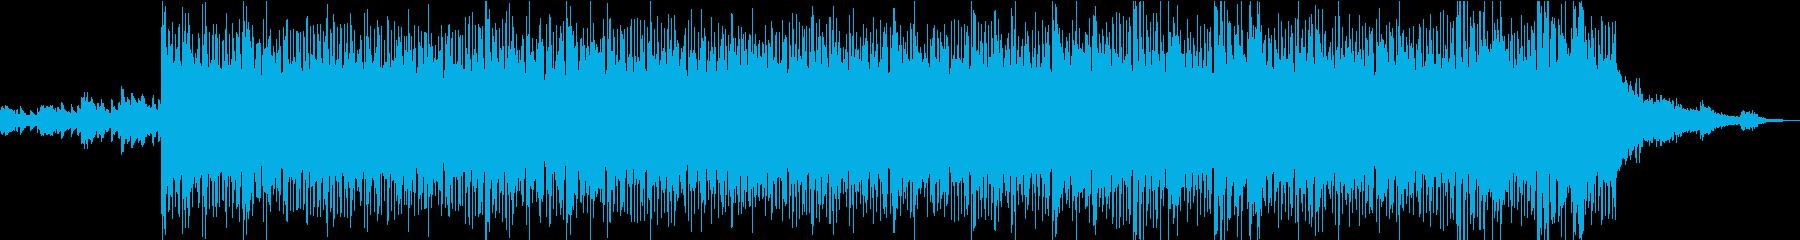 壮大で浮遊感のあるポストロックの再生済みの波形